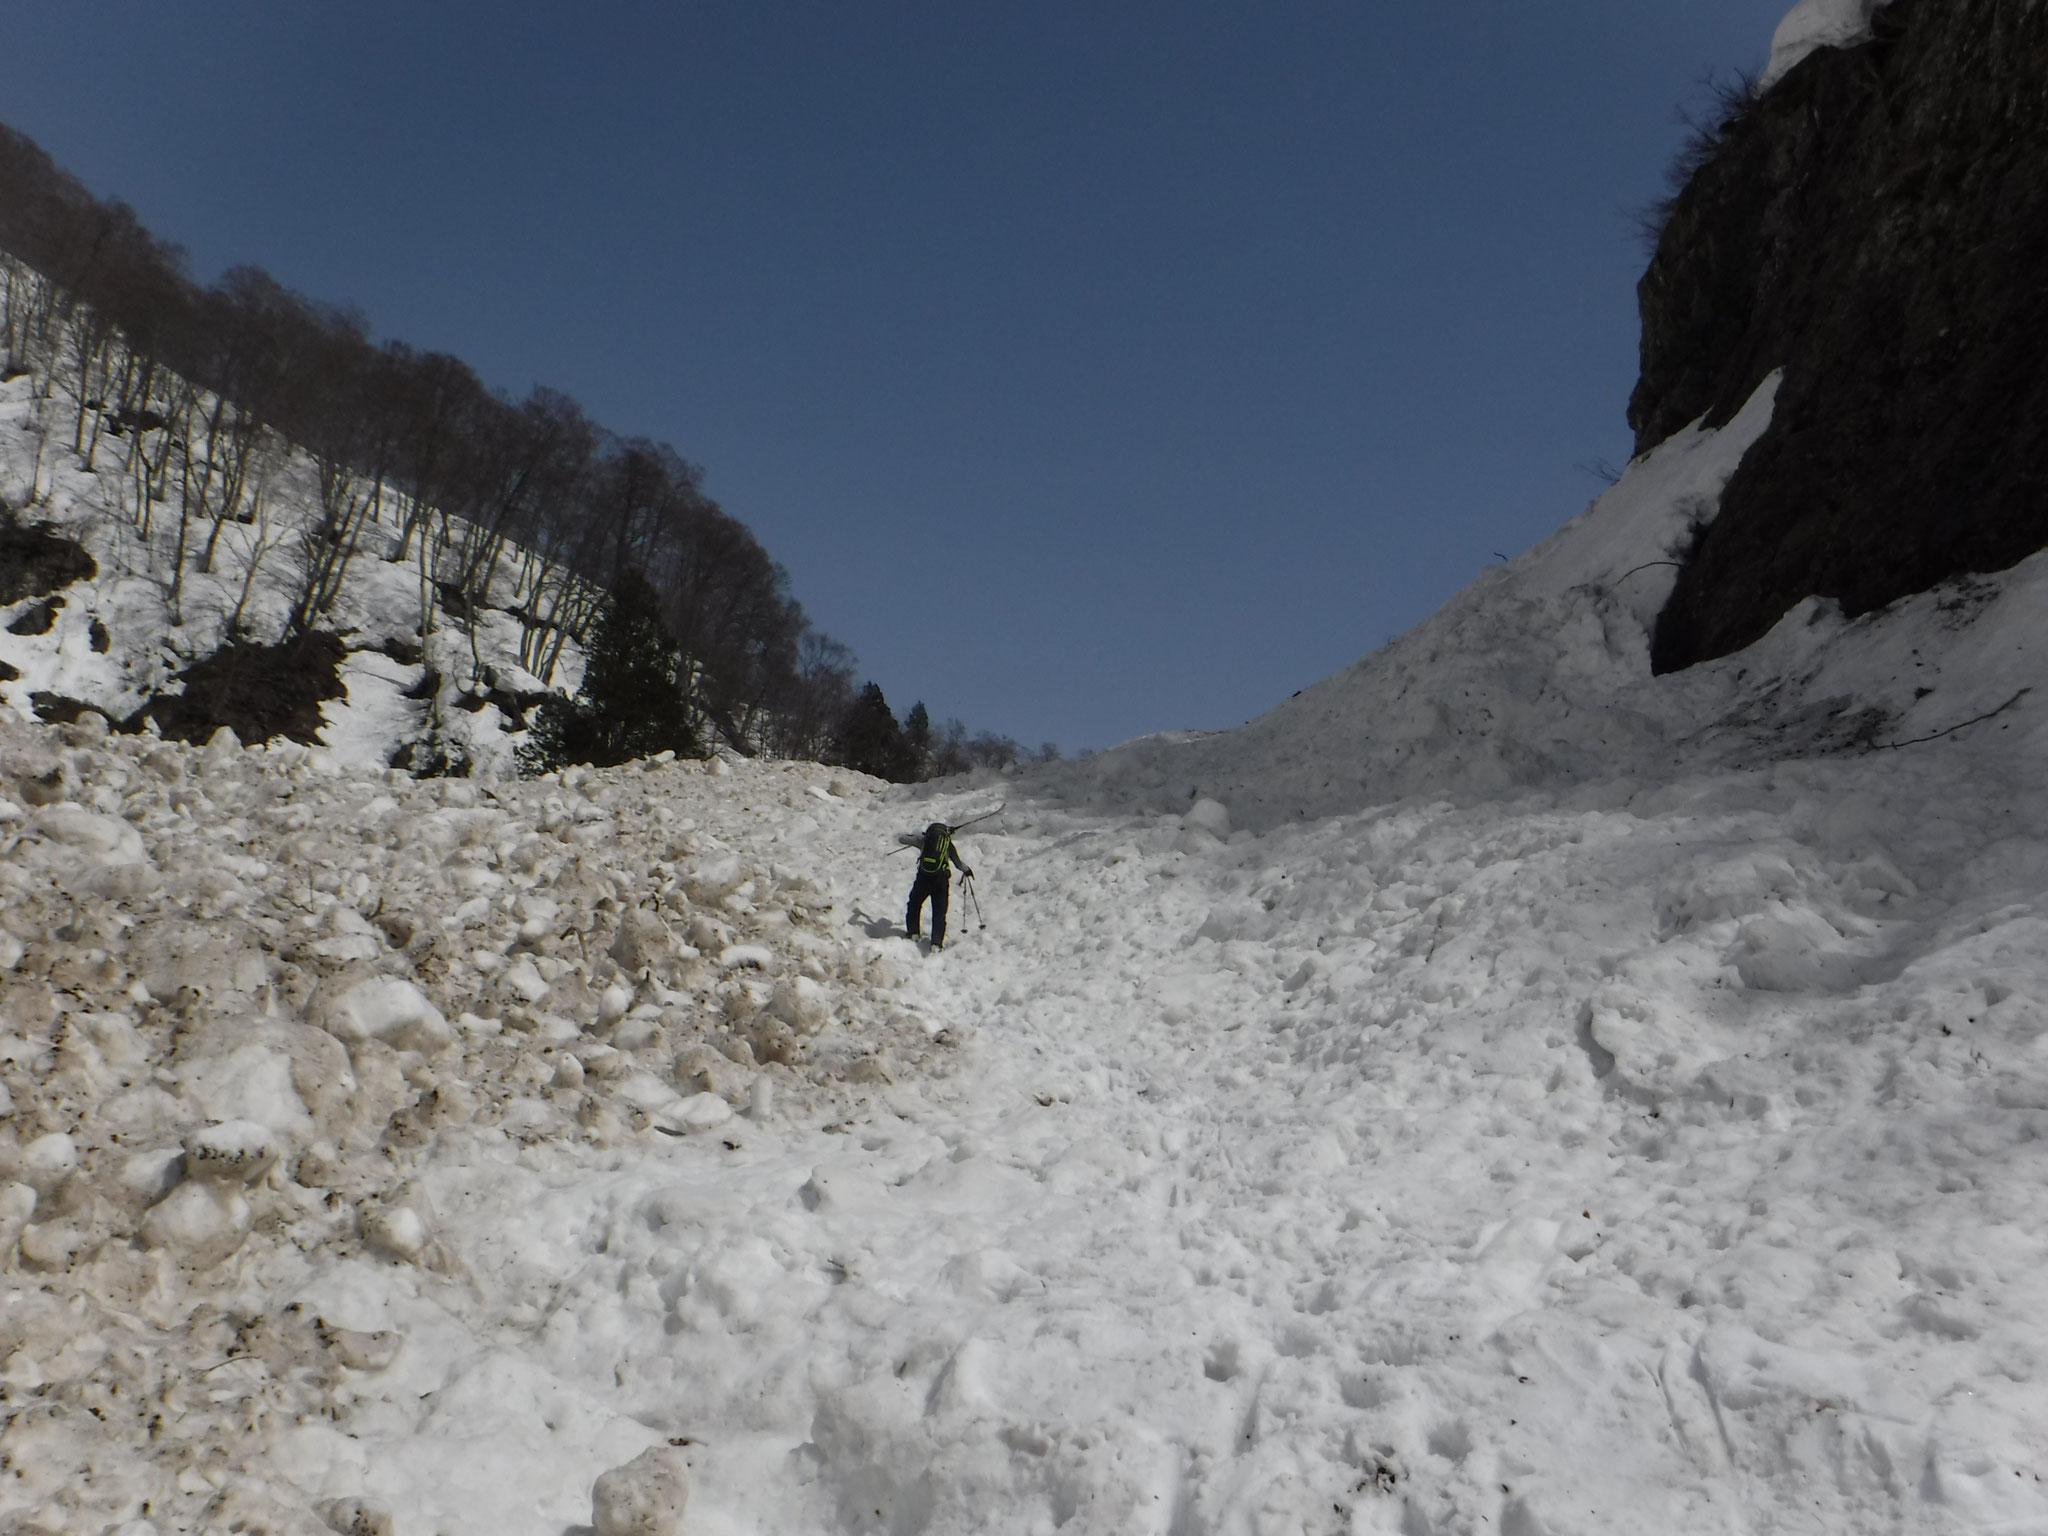 南滝の下はデブリがひどく、板を担いで登る個所もある